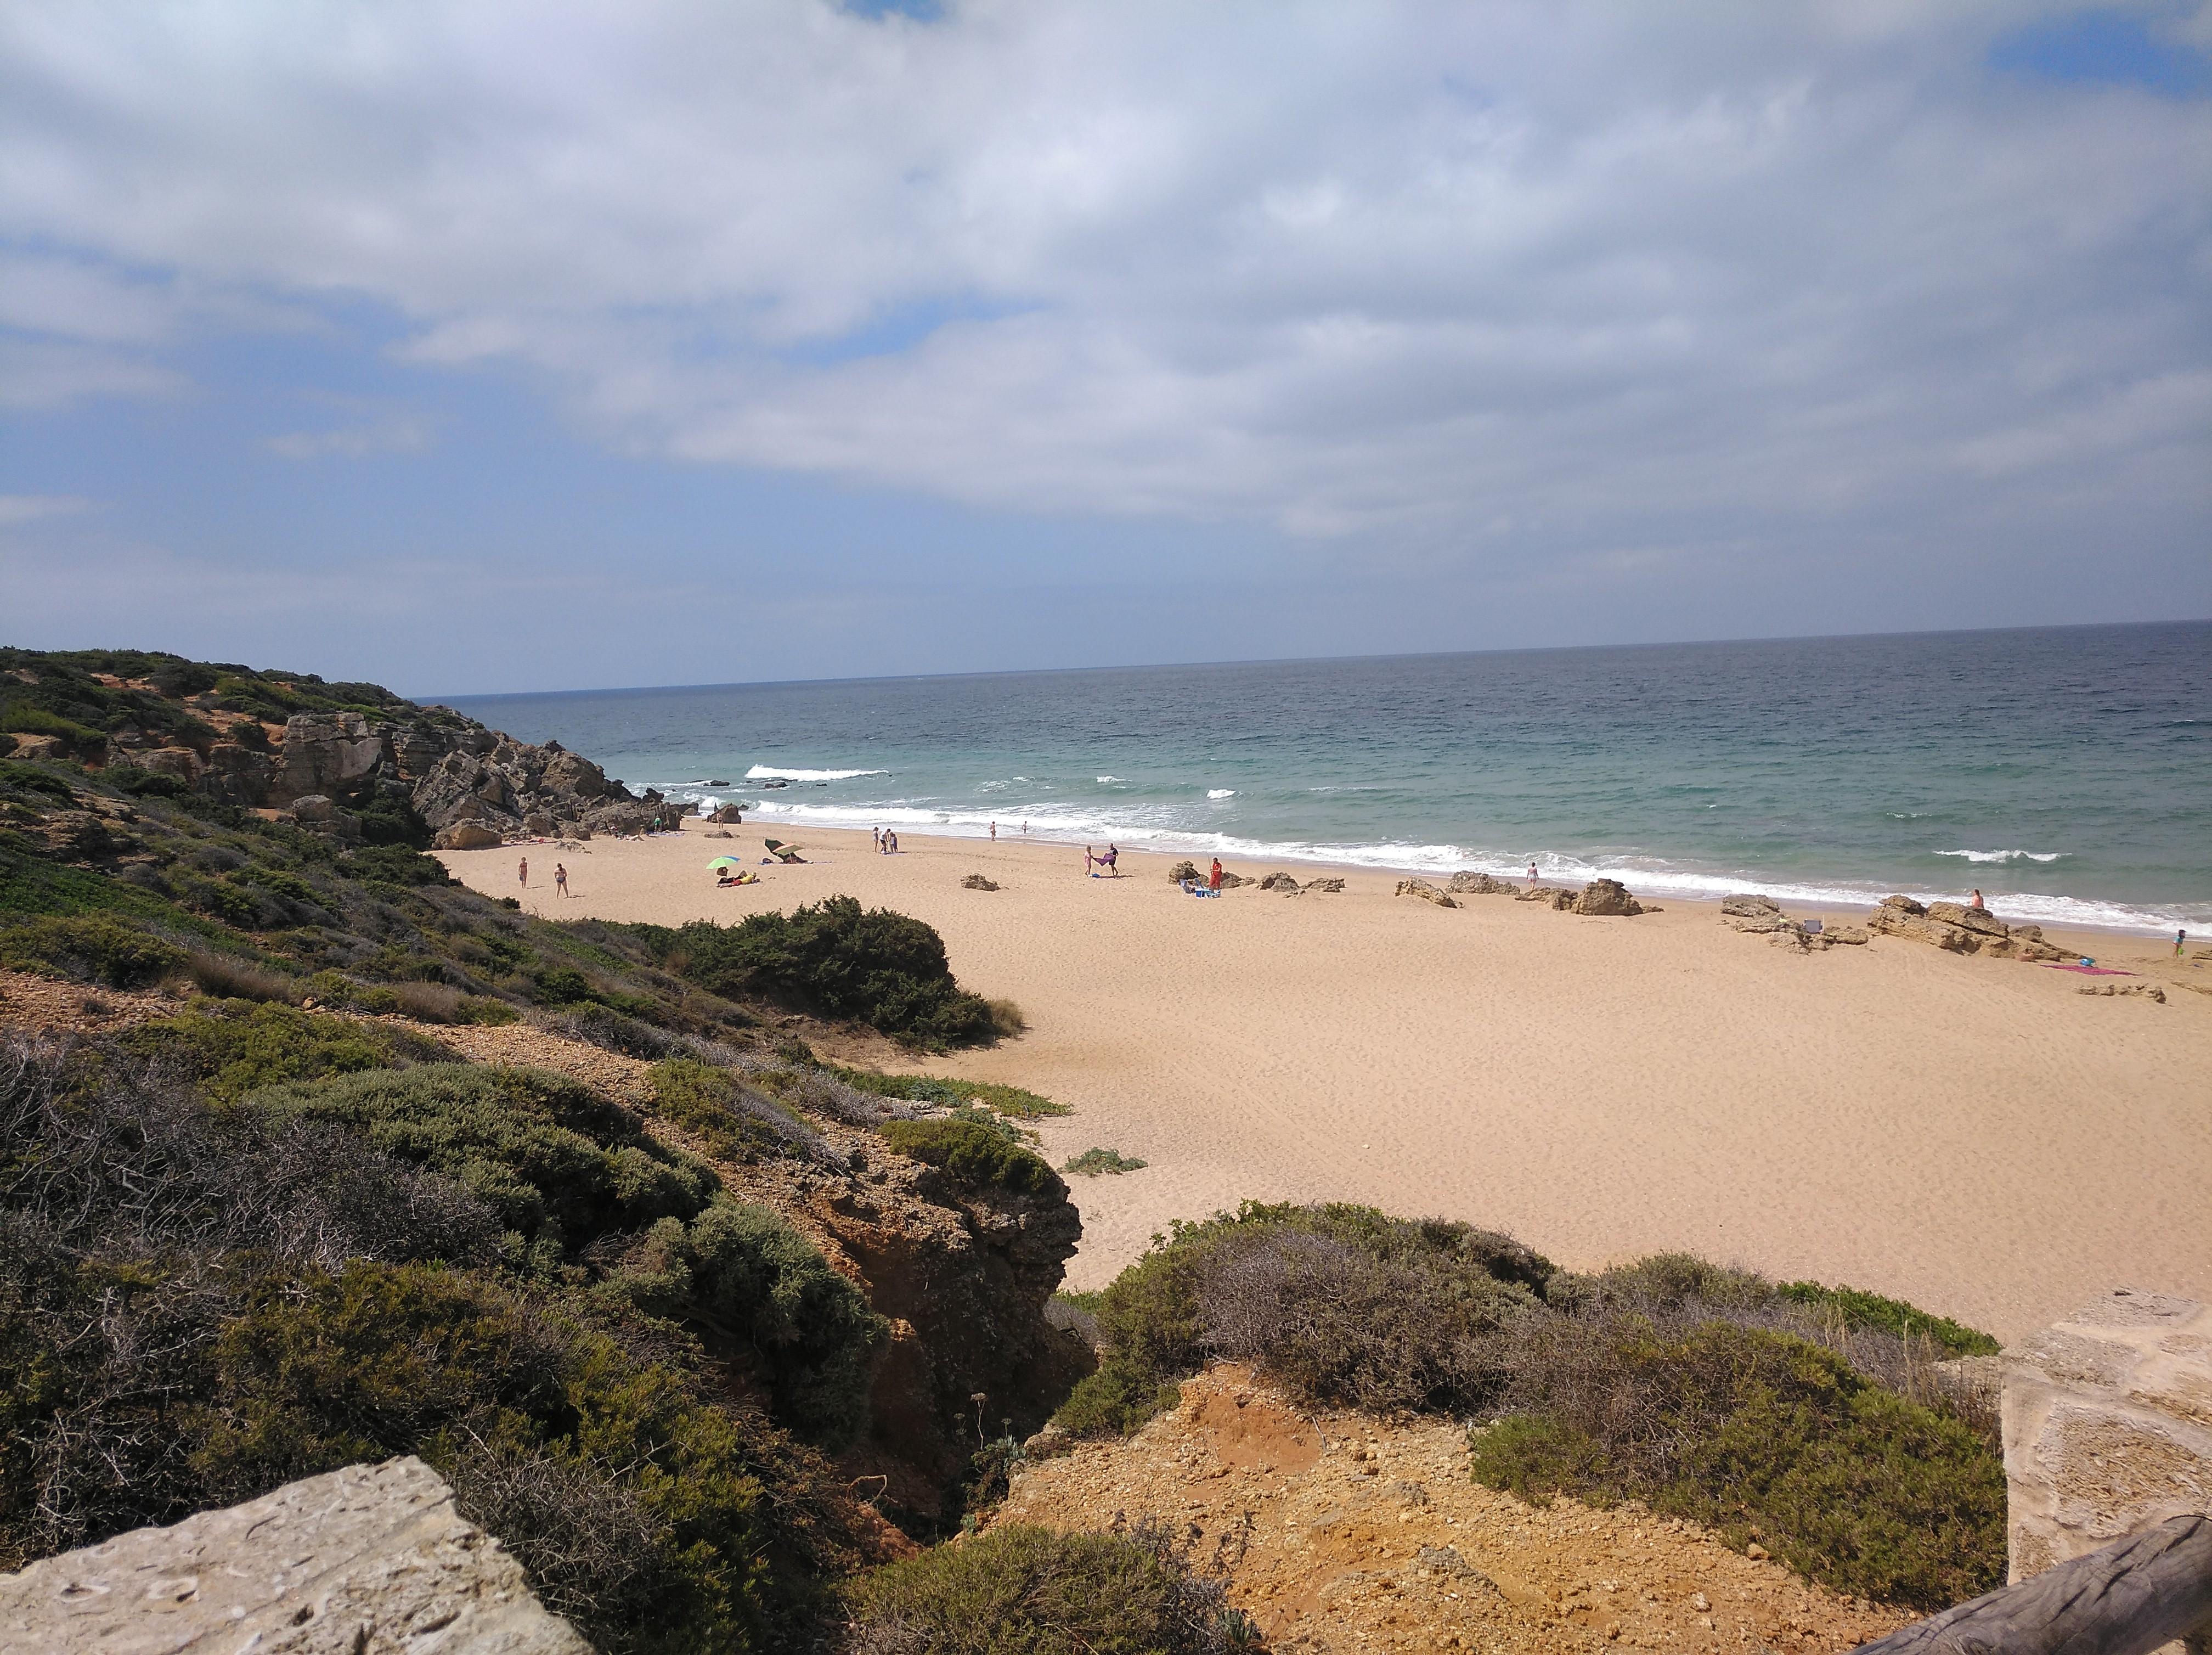 Playas Calas de Roche (Conil de la Frontera)